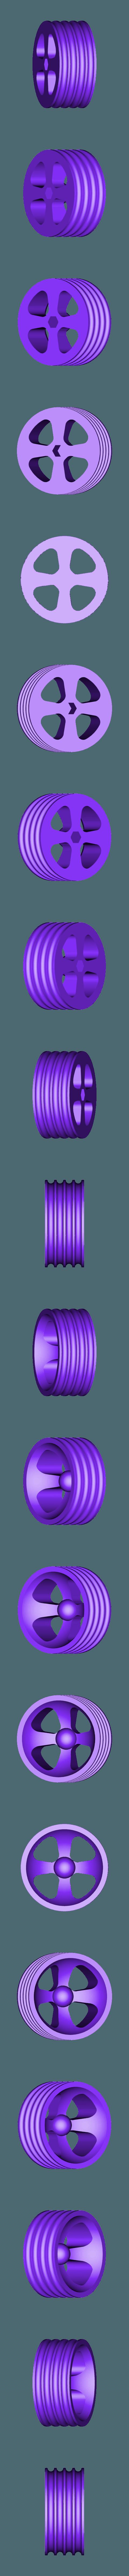 Wheel_Rear.stl Télécharger fichier STL gratuit Tabletop Tri-Mode Spring Motor Rolling Chassis • Design pour imprimante 3D, gzumwalt